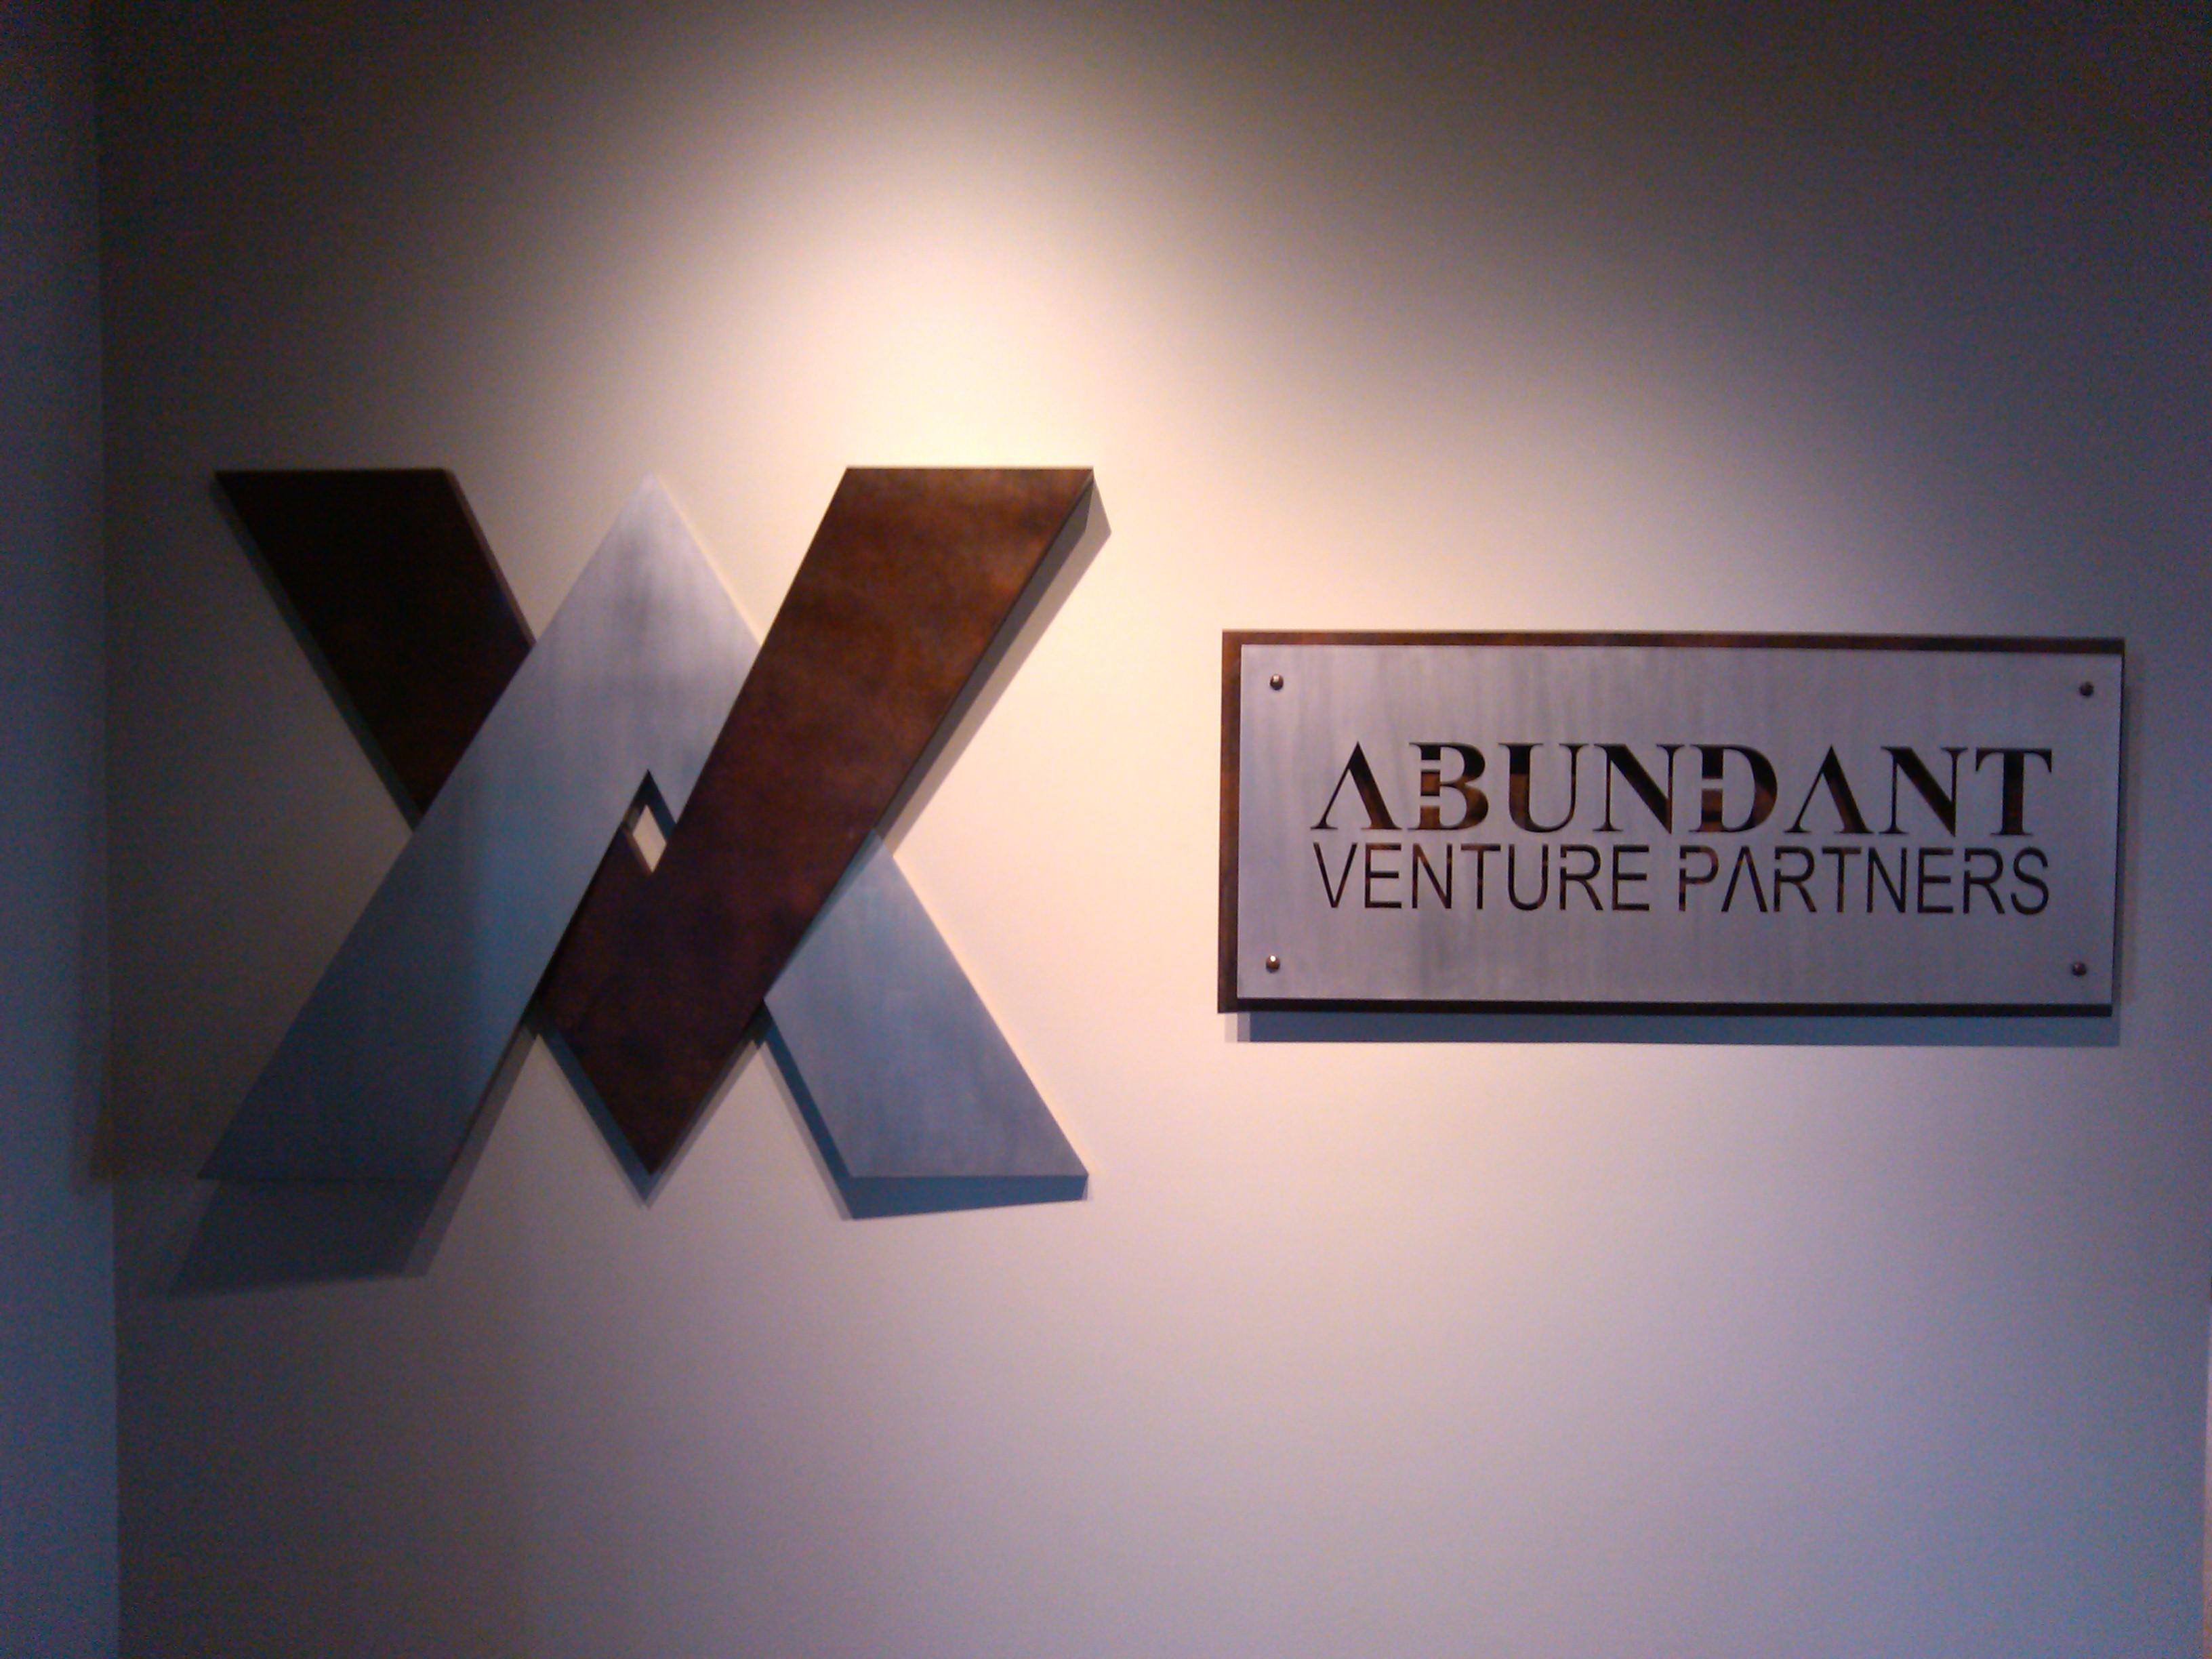 AVP signage